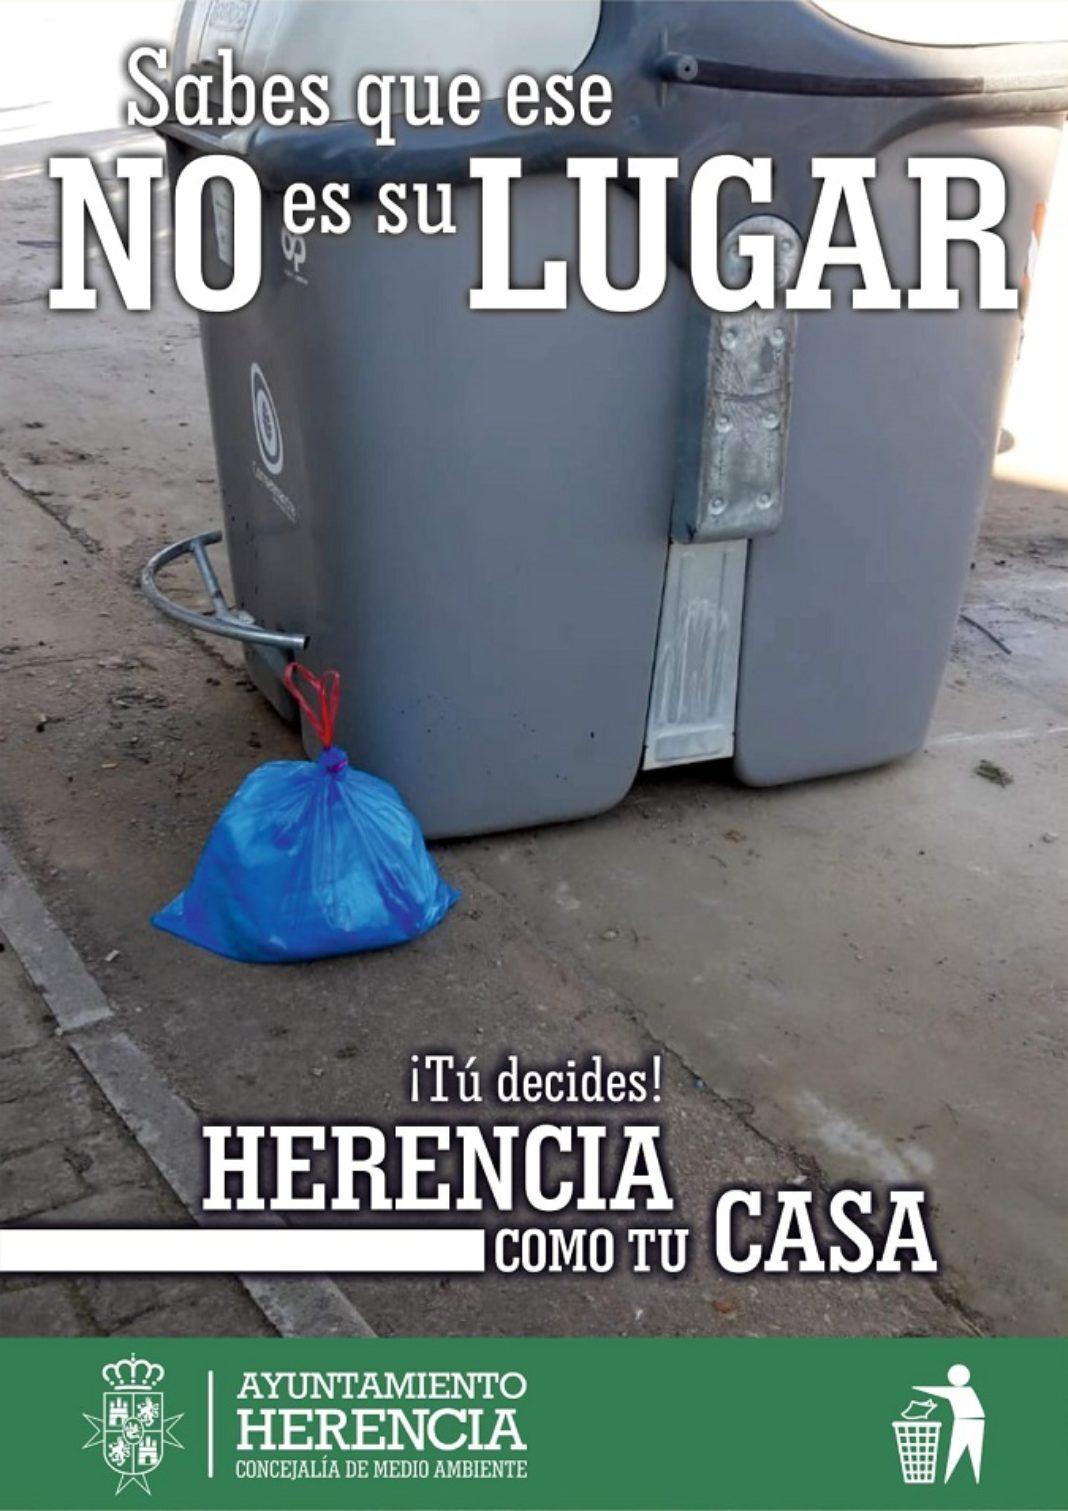 campaña de Herencia Limpia 1068x1511 - El Ayuntamiento lanza una campaña para implicar a la ciudadanía en la limpieza del municipio